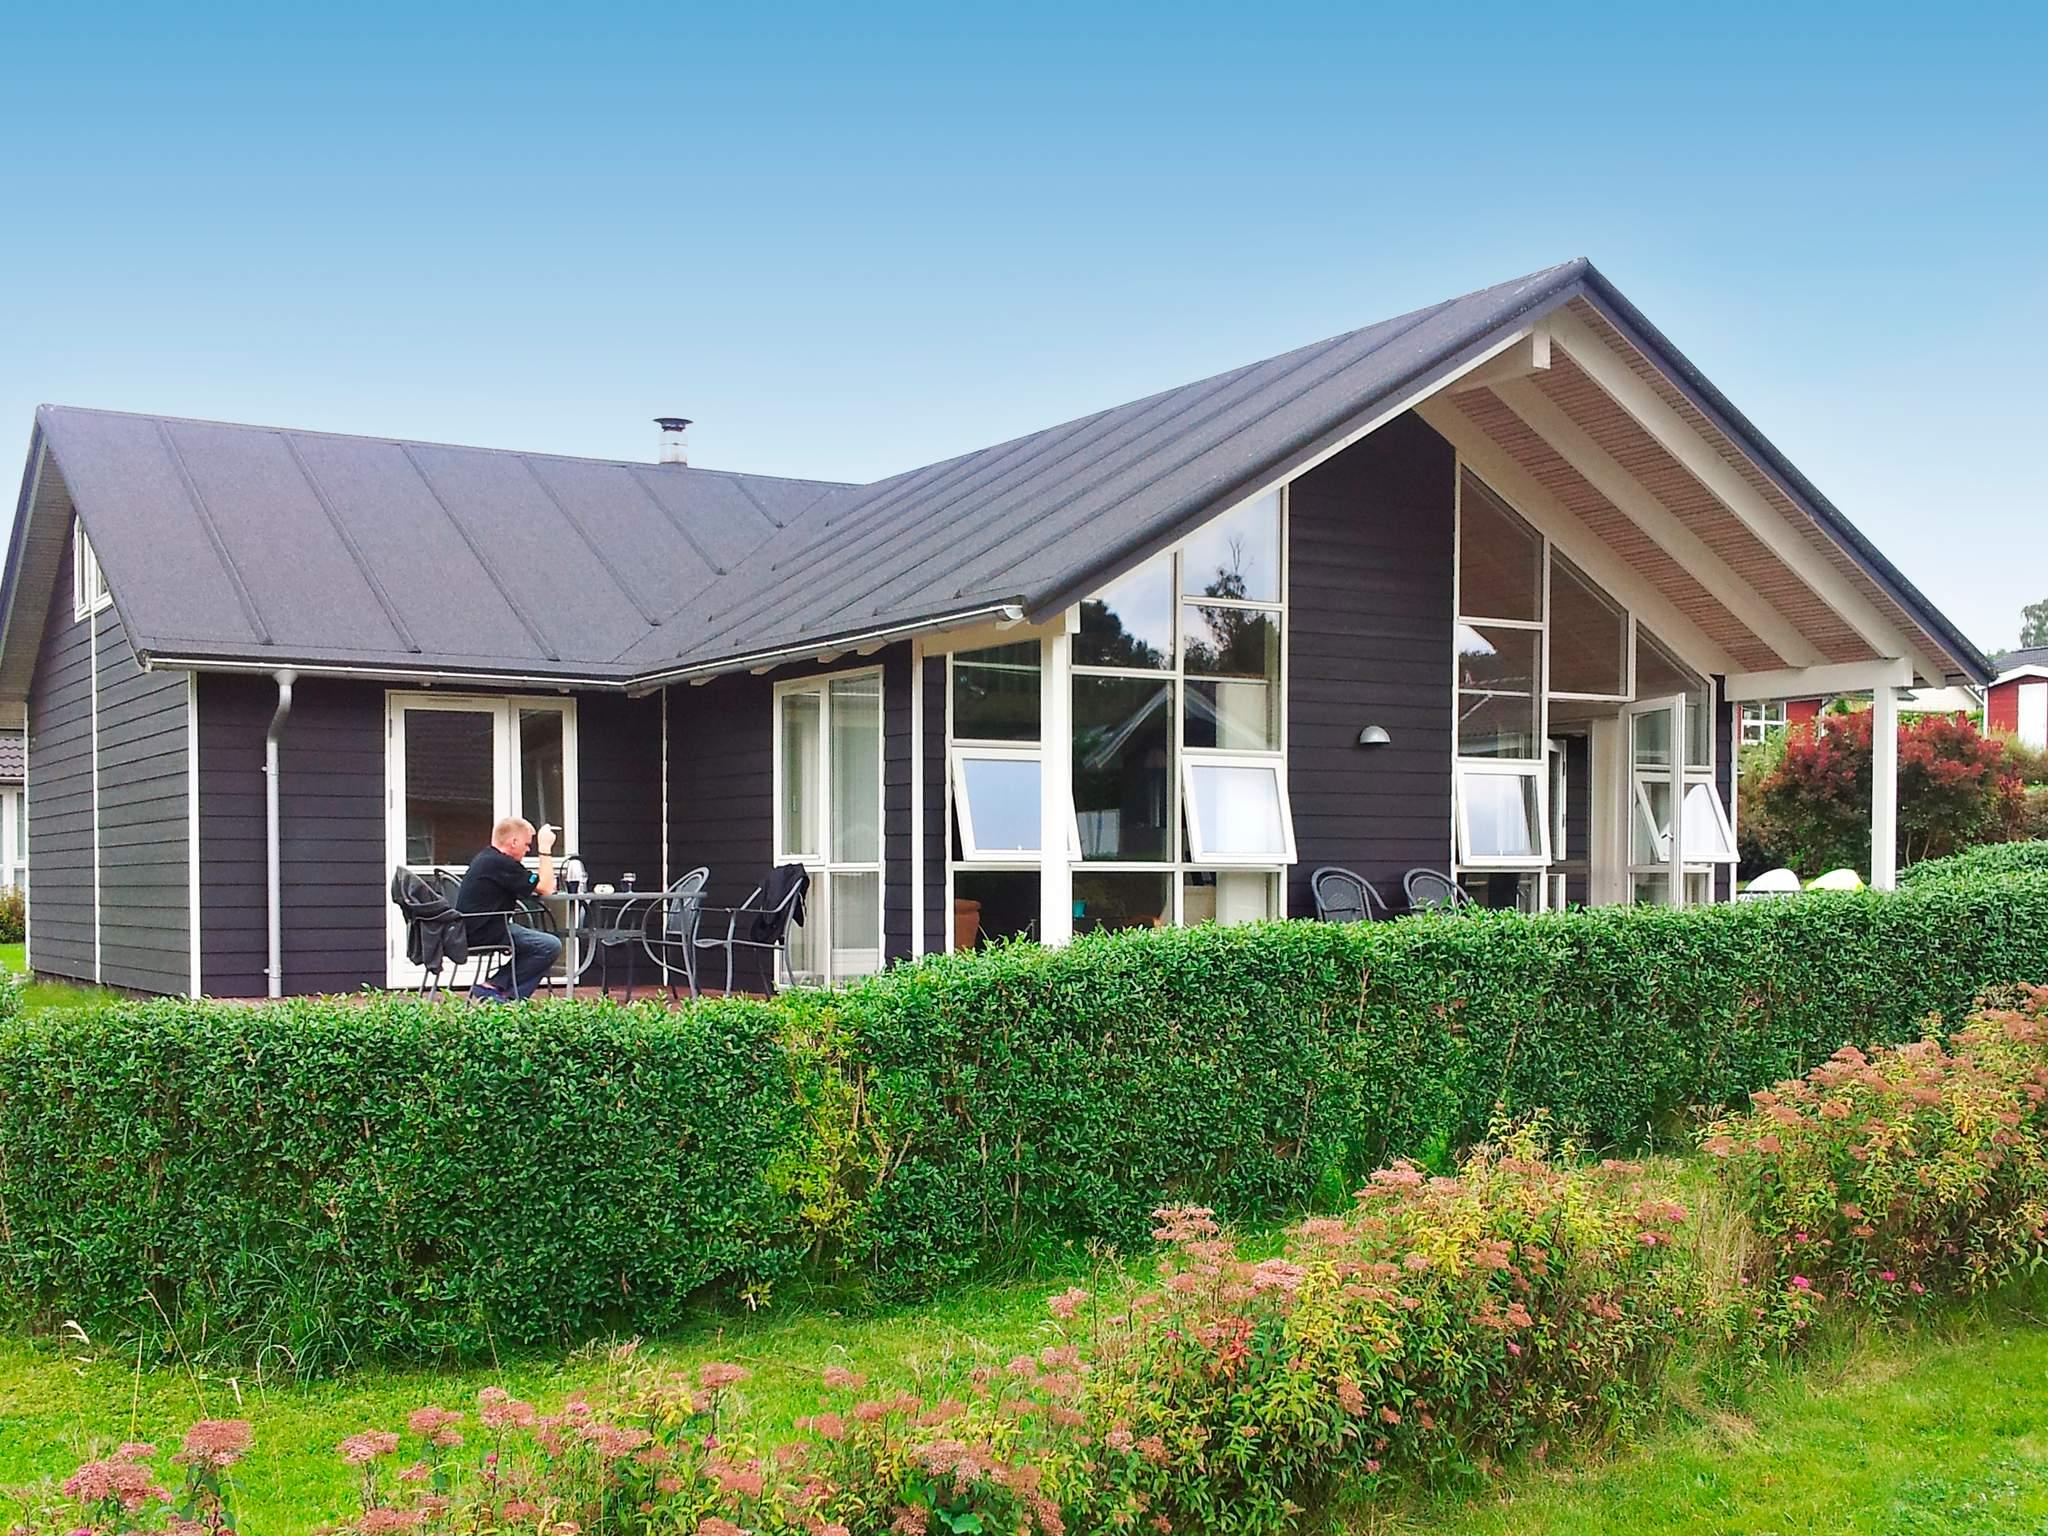 Ferienhaus Loddenhøj (125293), Aabenraa, , Südostjütland, Dänemark, Bild 1